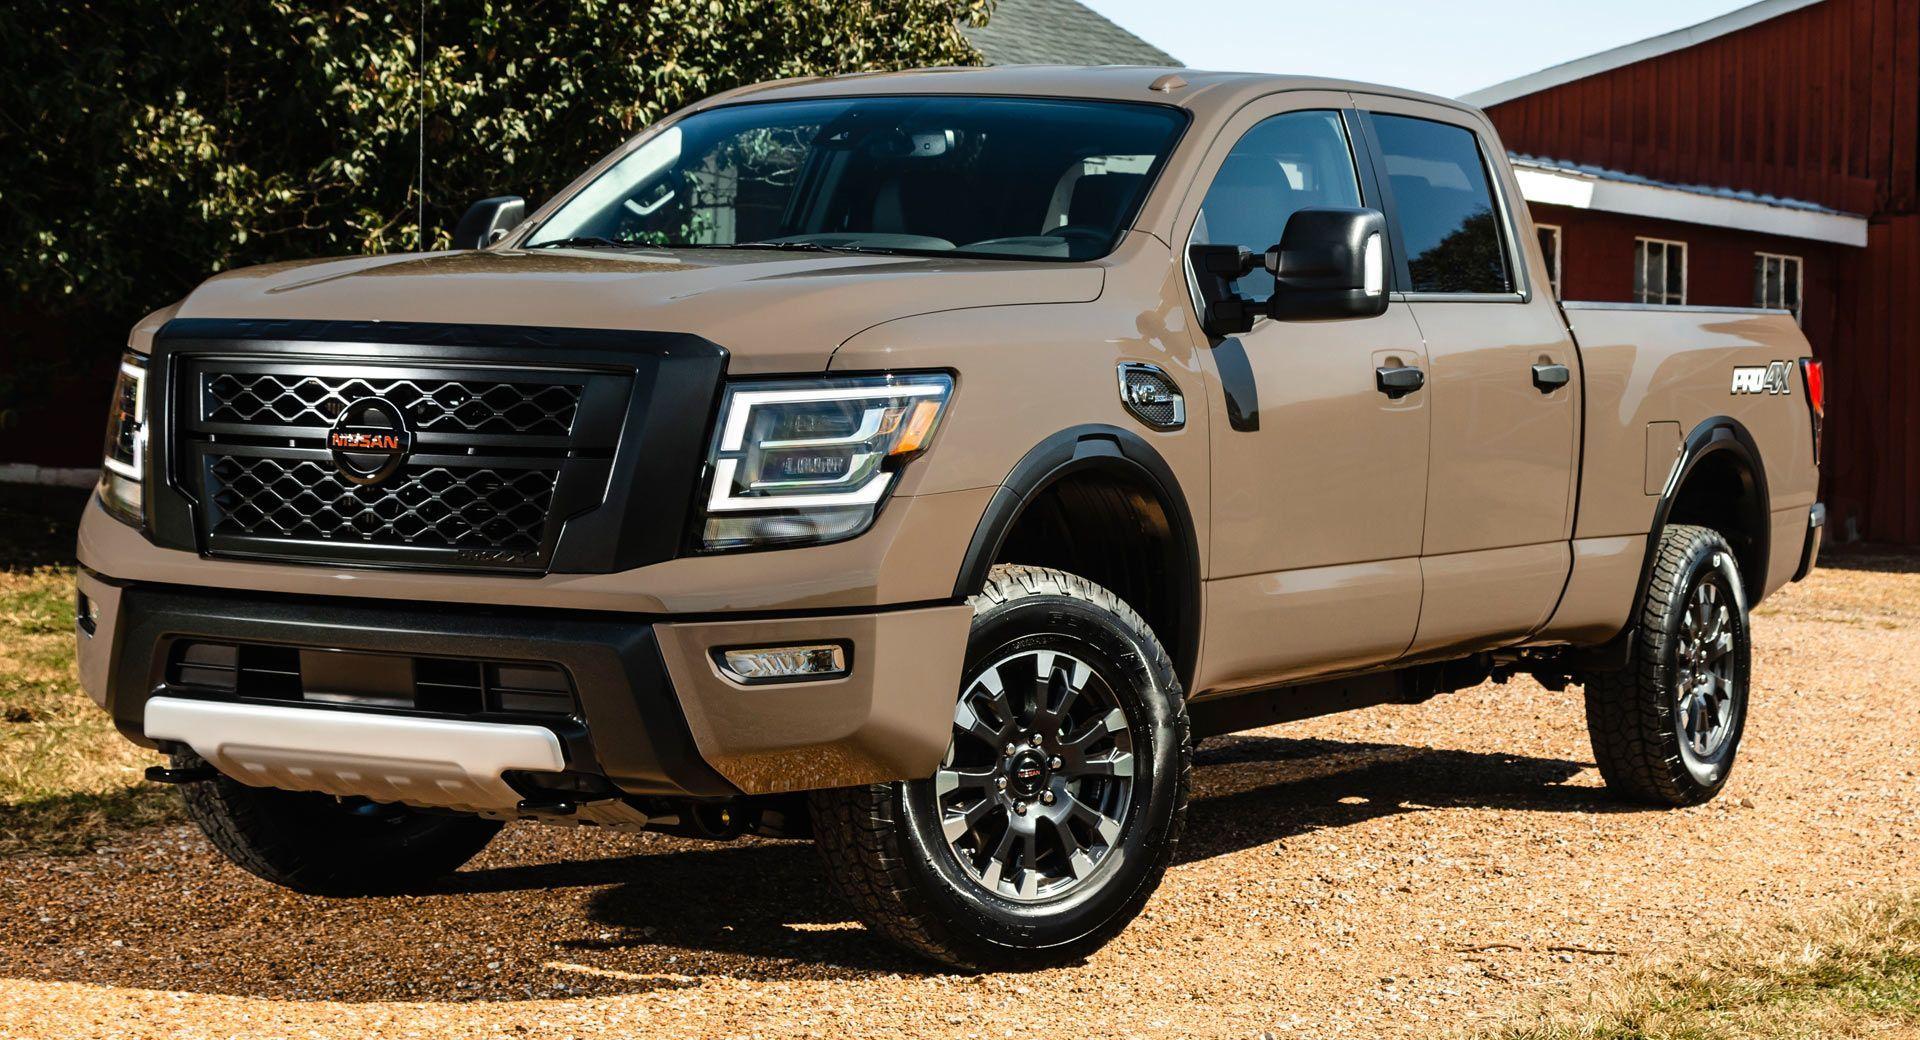 2020 Nissan Titan Beweist Dass Facelifts Nicht Billig Sind Aktualisierte Modellkosten Ein Zusatzliches Pickups And More Aktua 2020 Nissan Titan Nissan